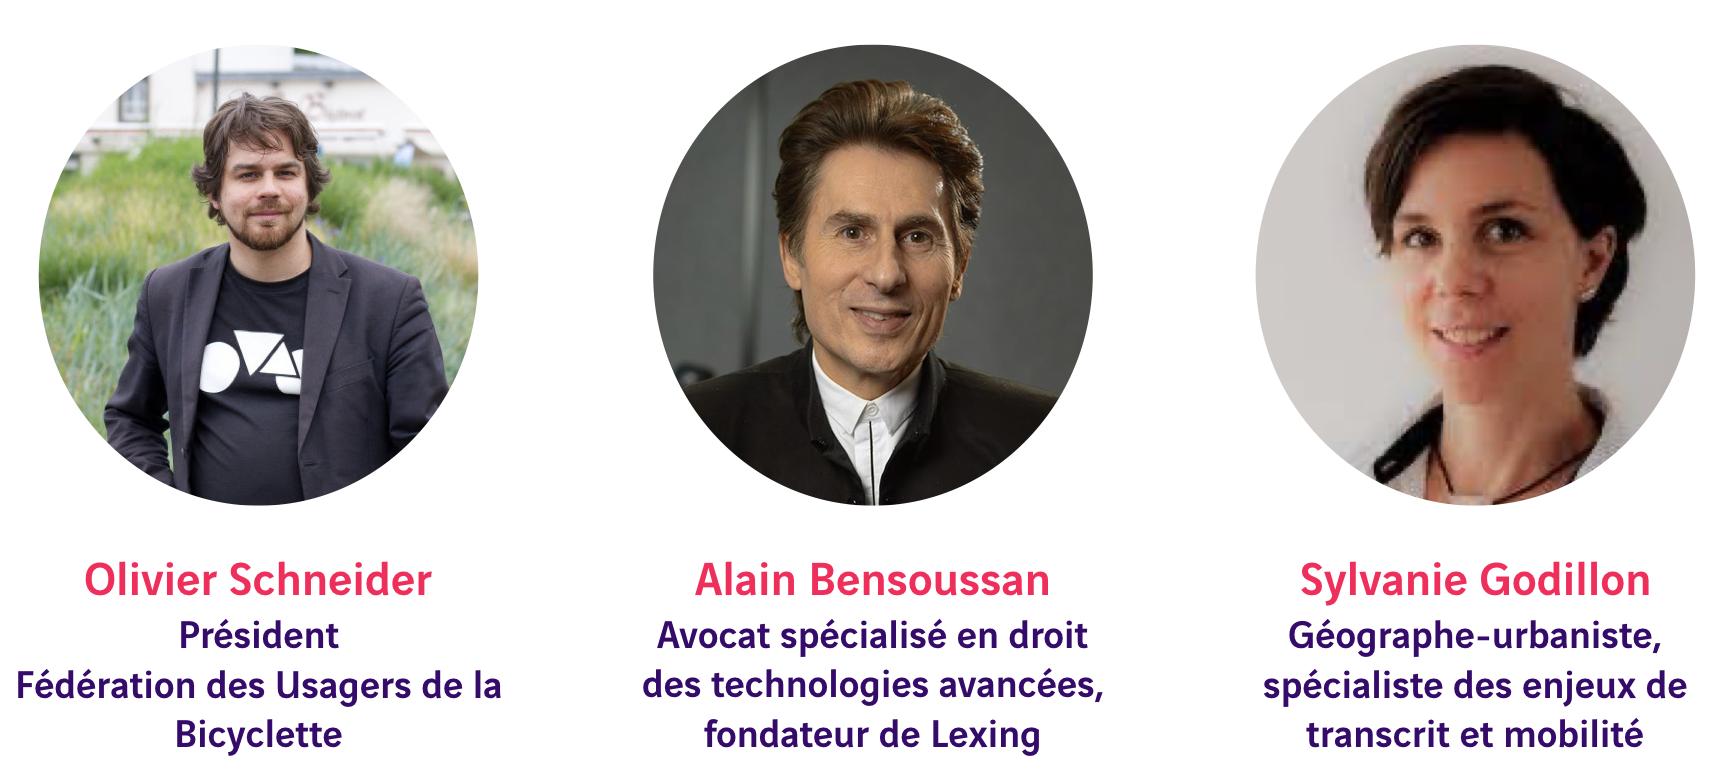 Olivier Schneider, Alain Bensoussan, Sylvanie Godillon